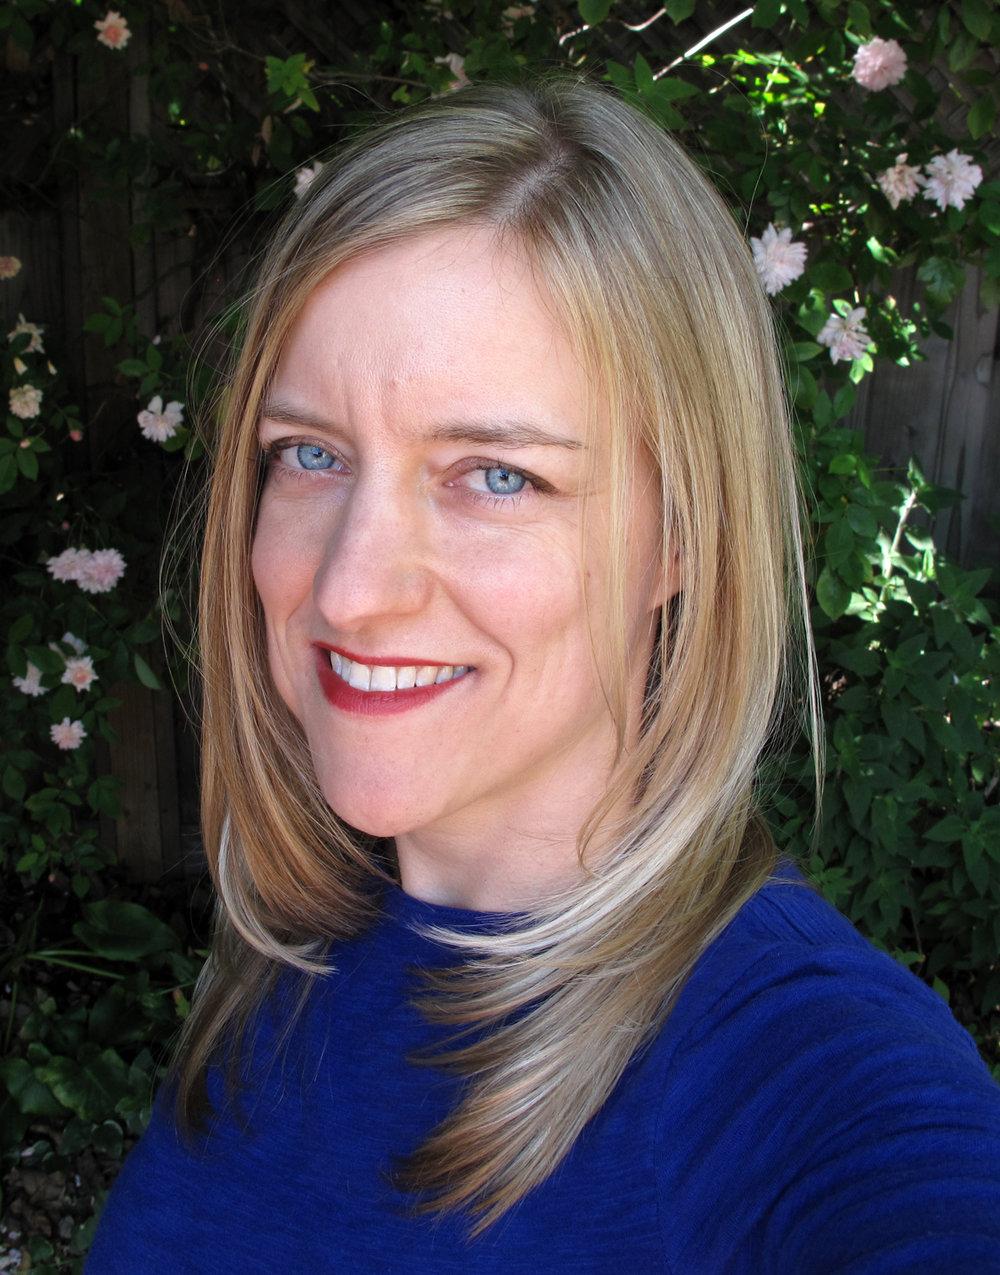 Sarah Pedlow